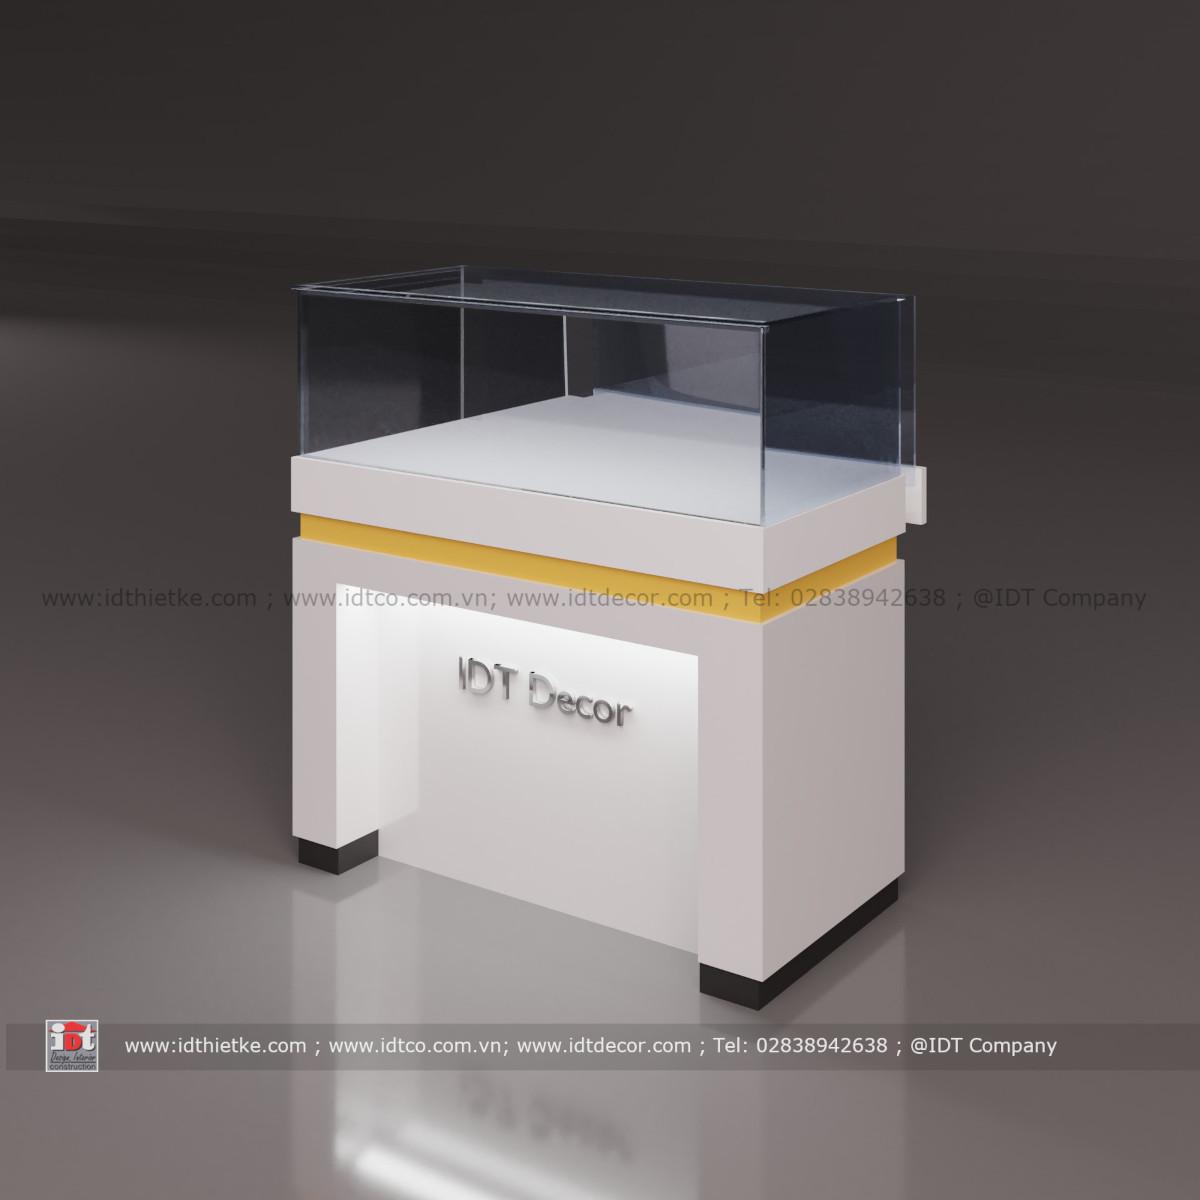 Tủ trưng bày sản phẩm sang trọng cao cấp 09